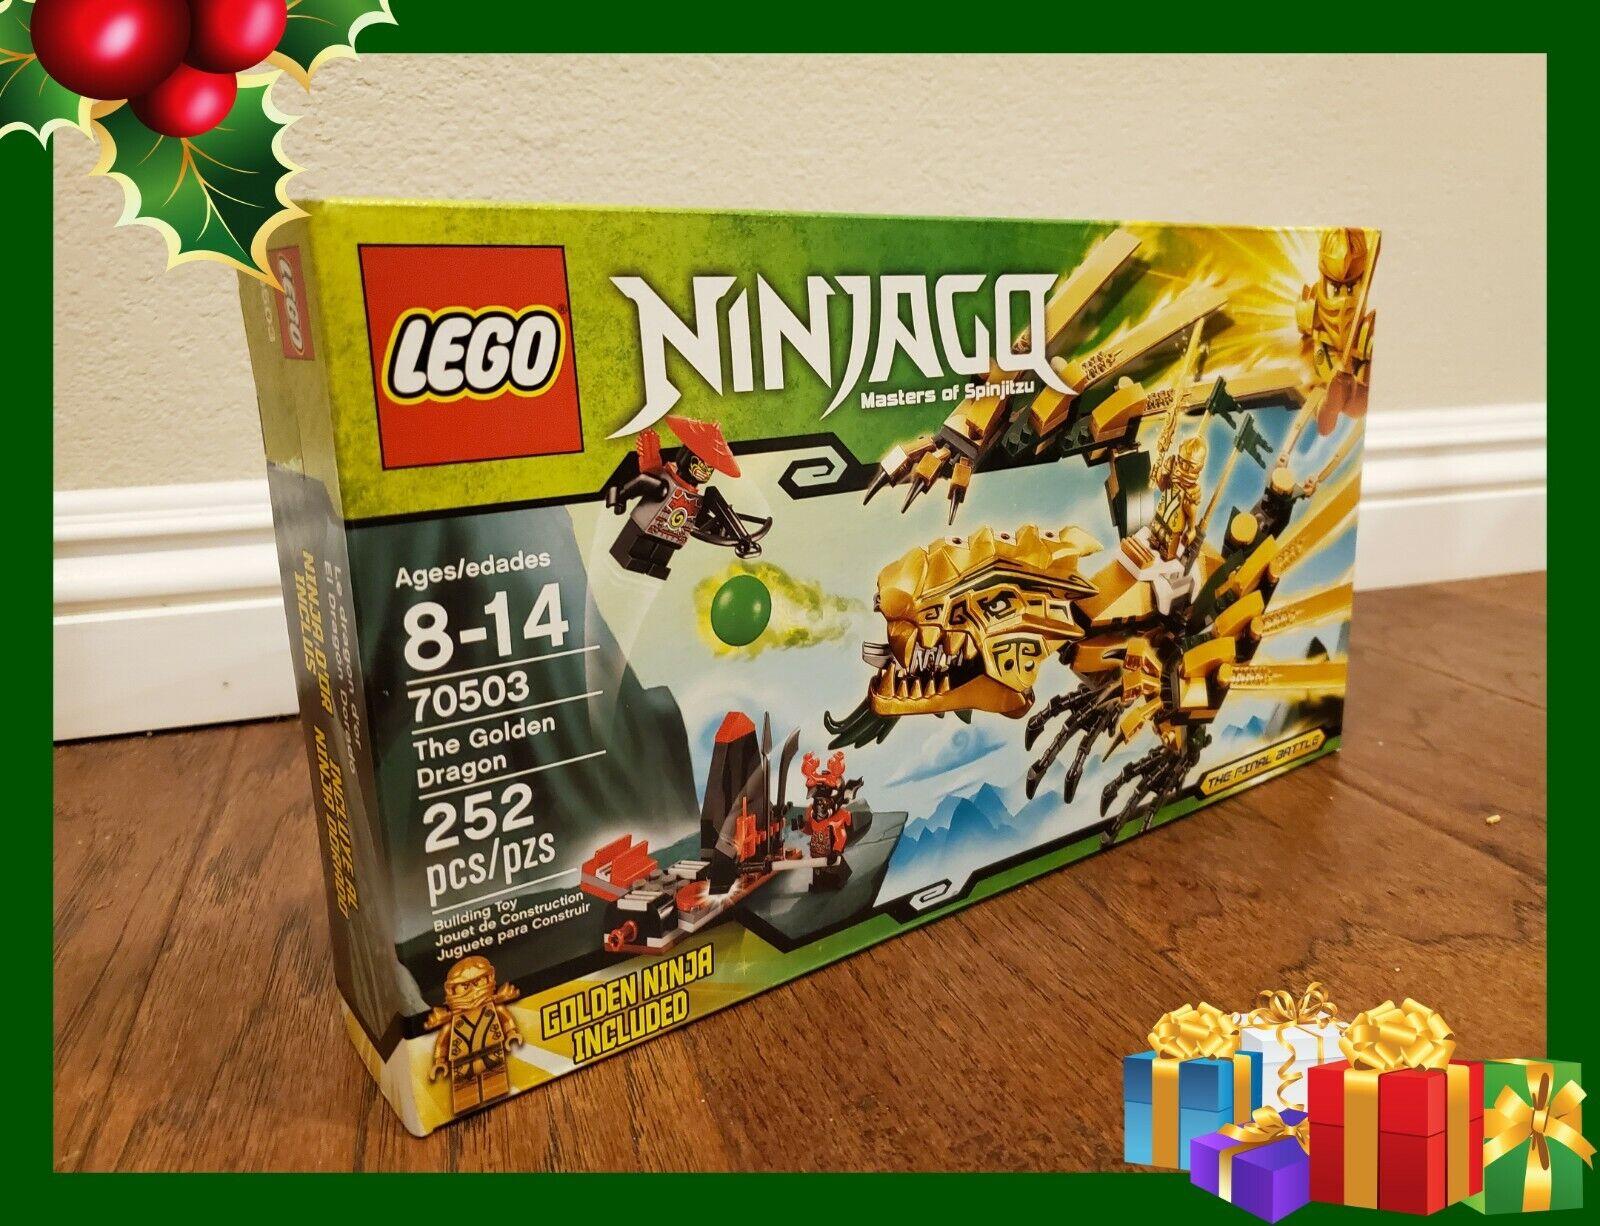 Lego Ninjago The Golden Dragon 70503 For Sale Online Ebay